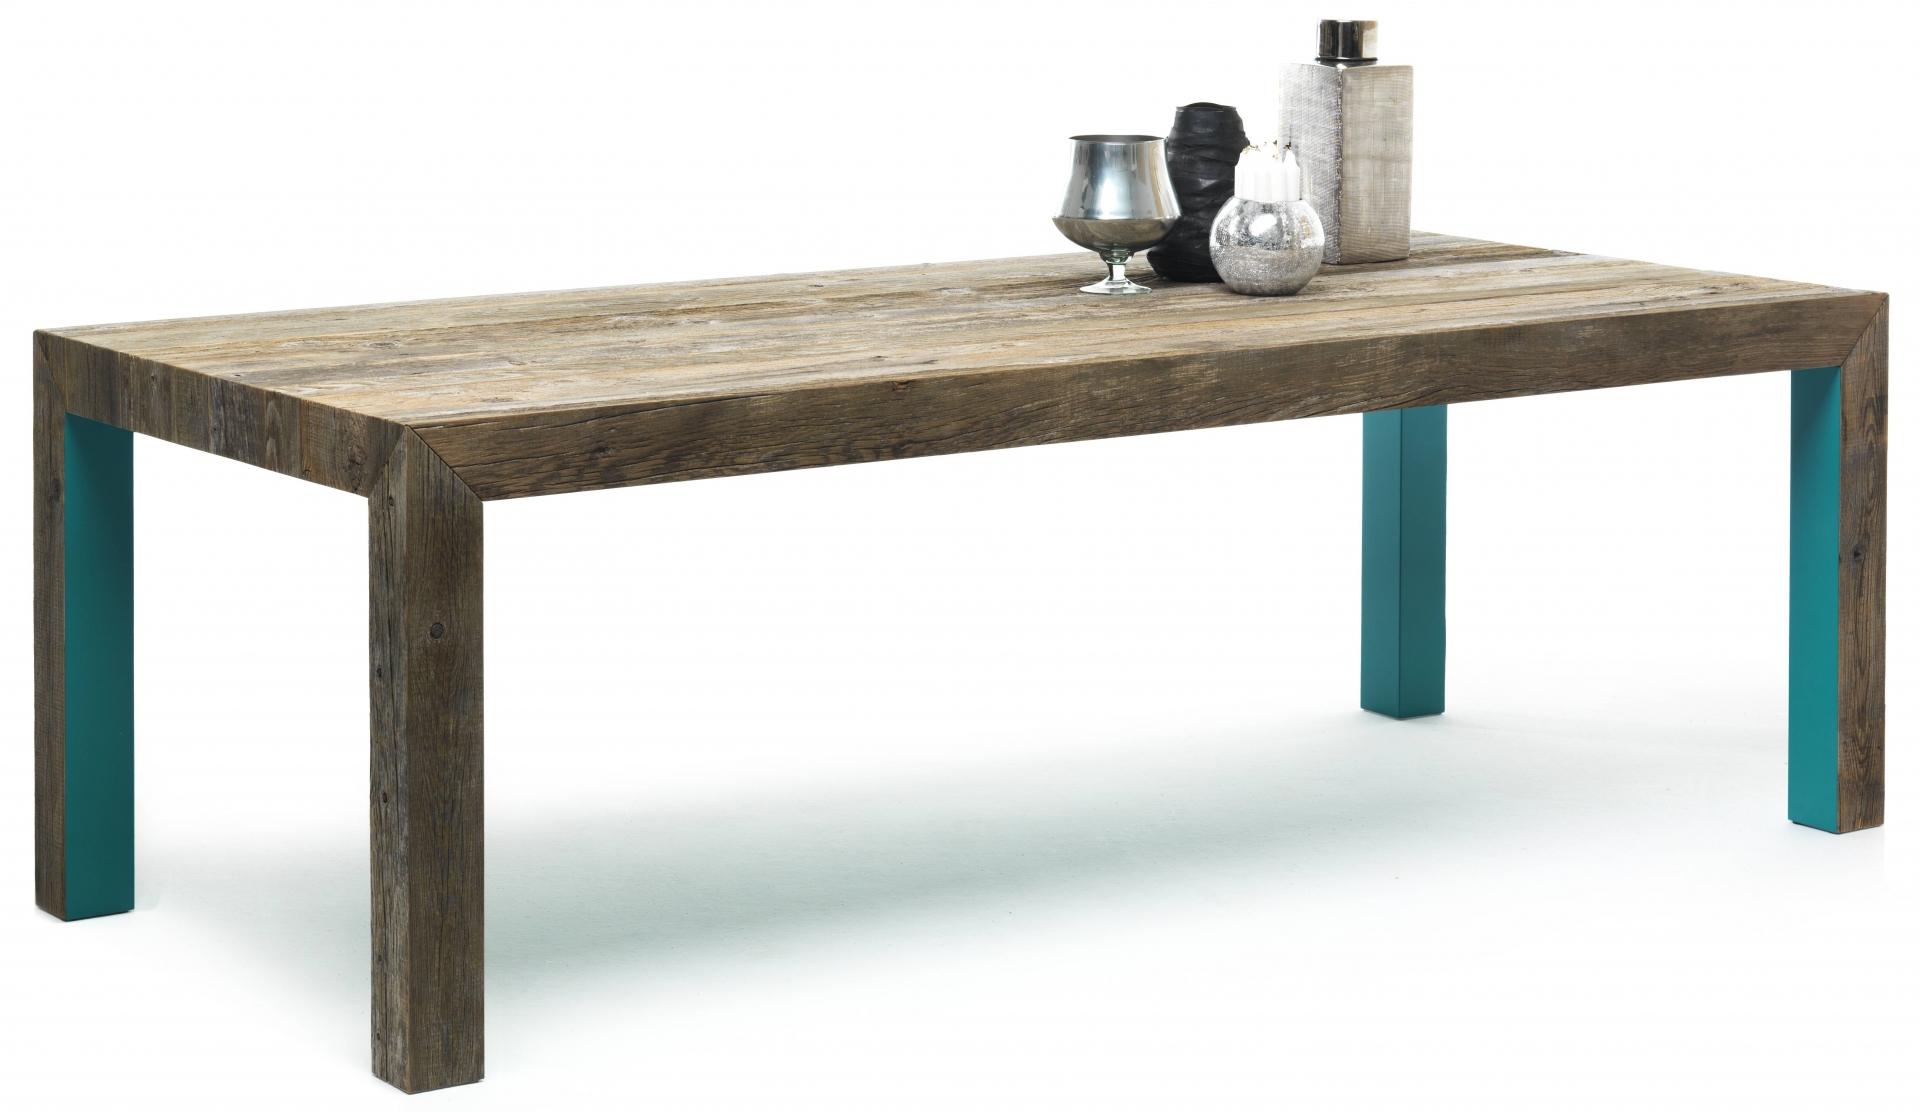 Mogg designové jídelní stoly Zio Tom (šířka 240 cm)